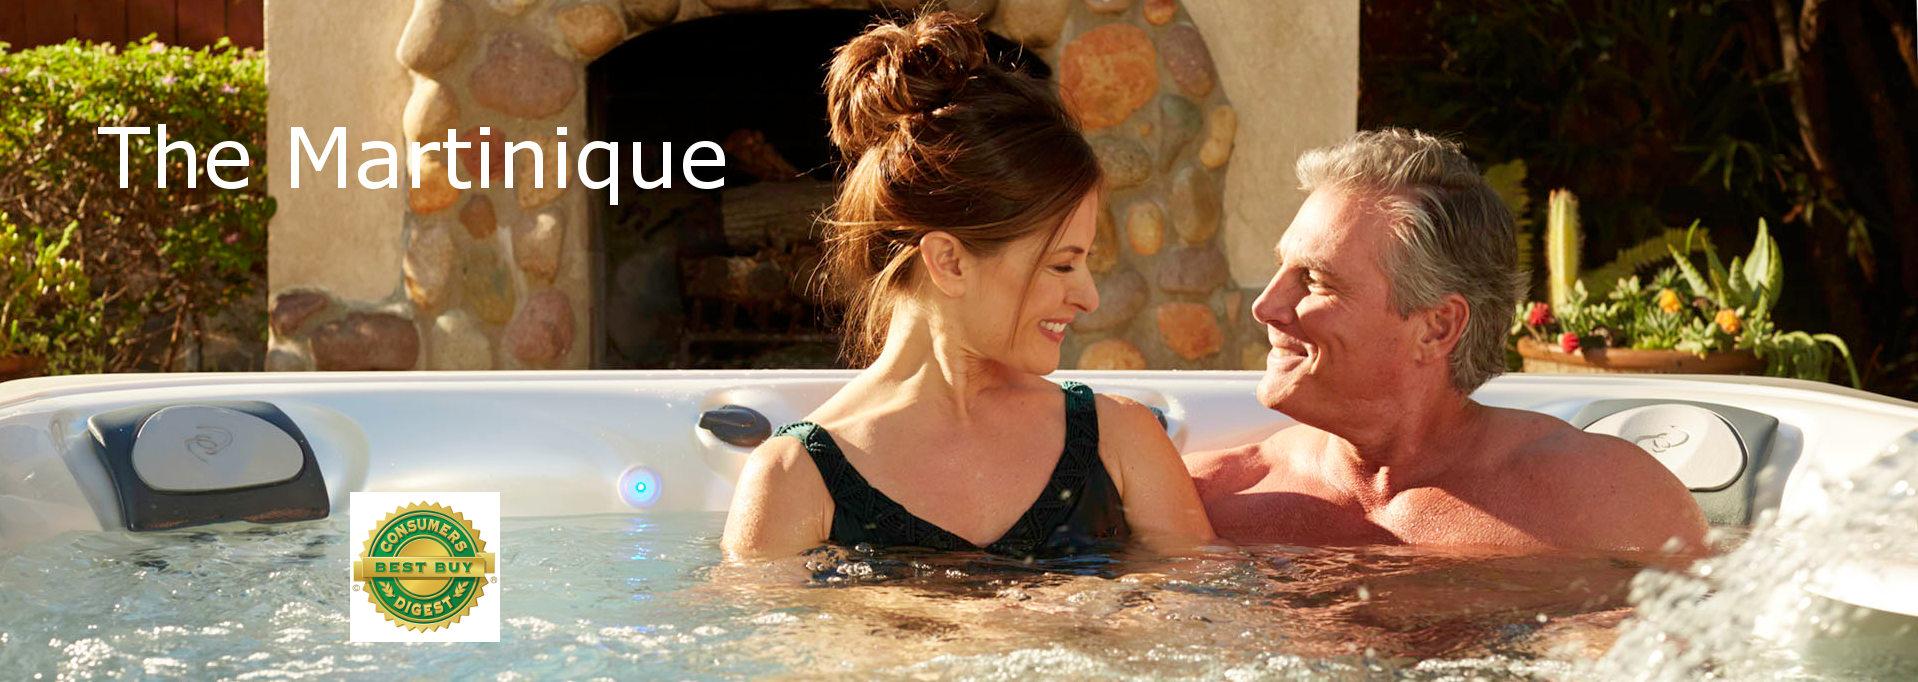 The Caldera Martinique 5 person hot tub AMesbury MA